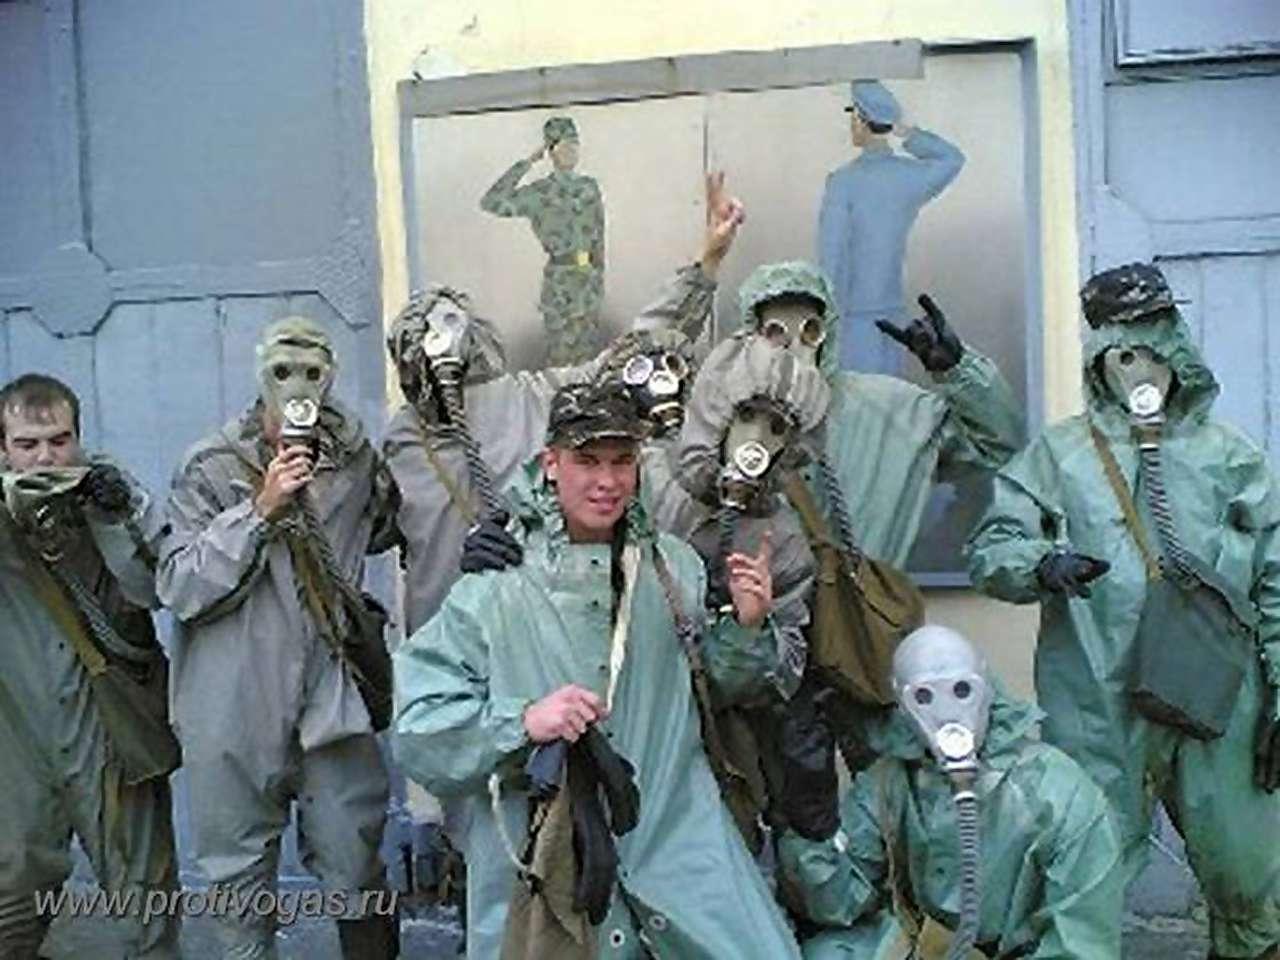 Костюм химзащитный армейский ОЗК. Противогаз ракетчика ШМС